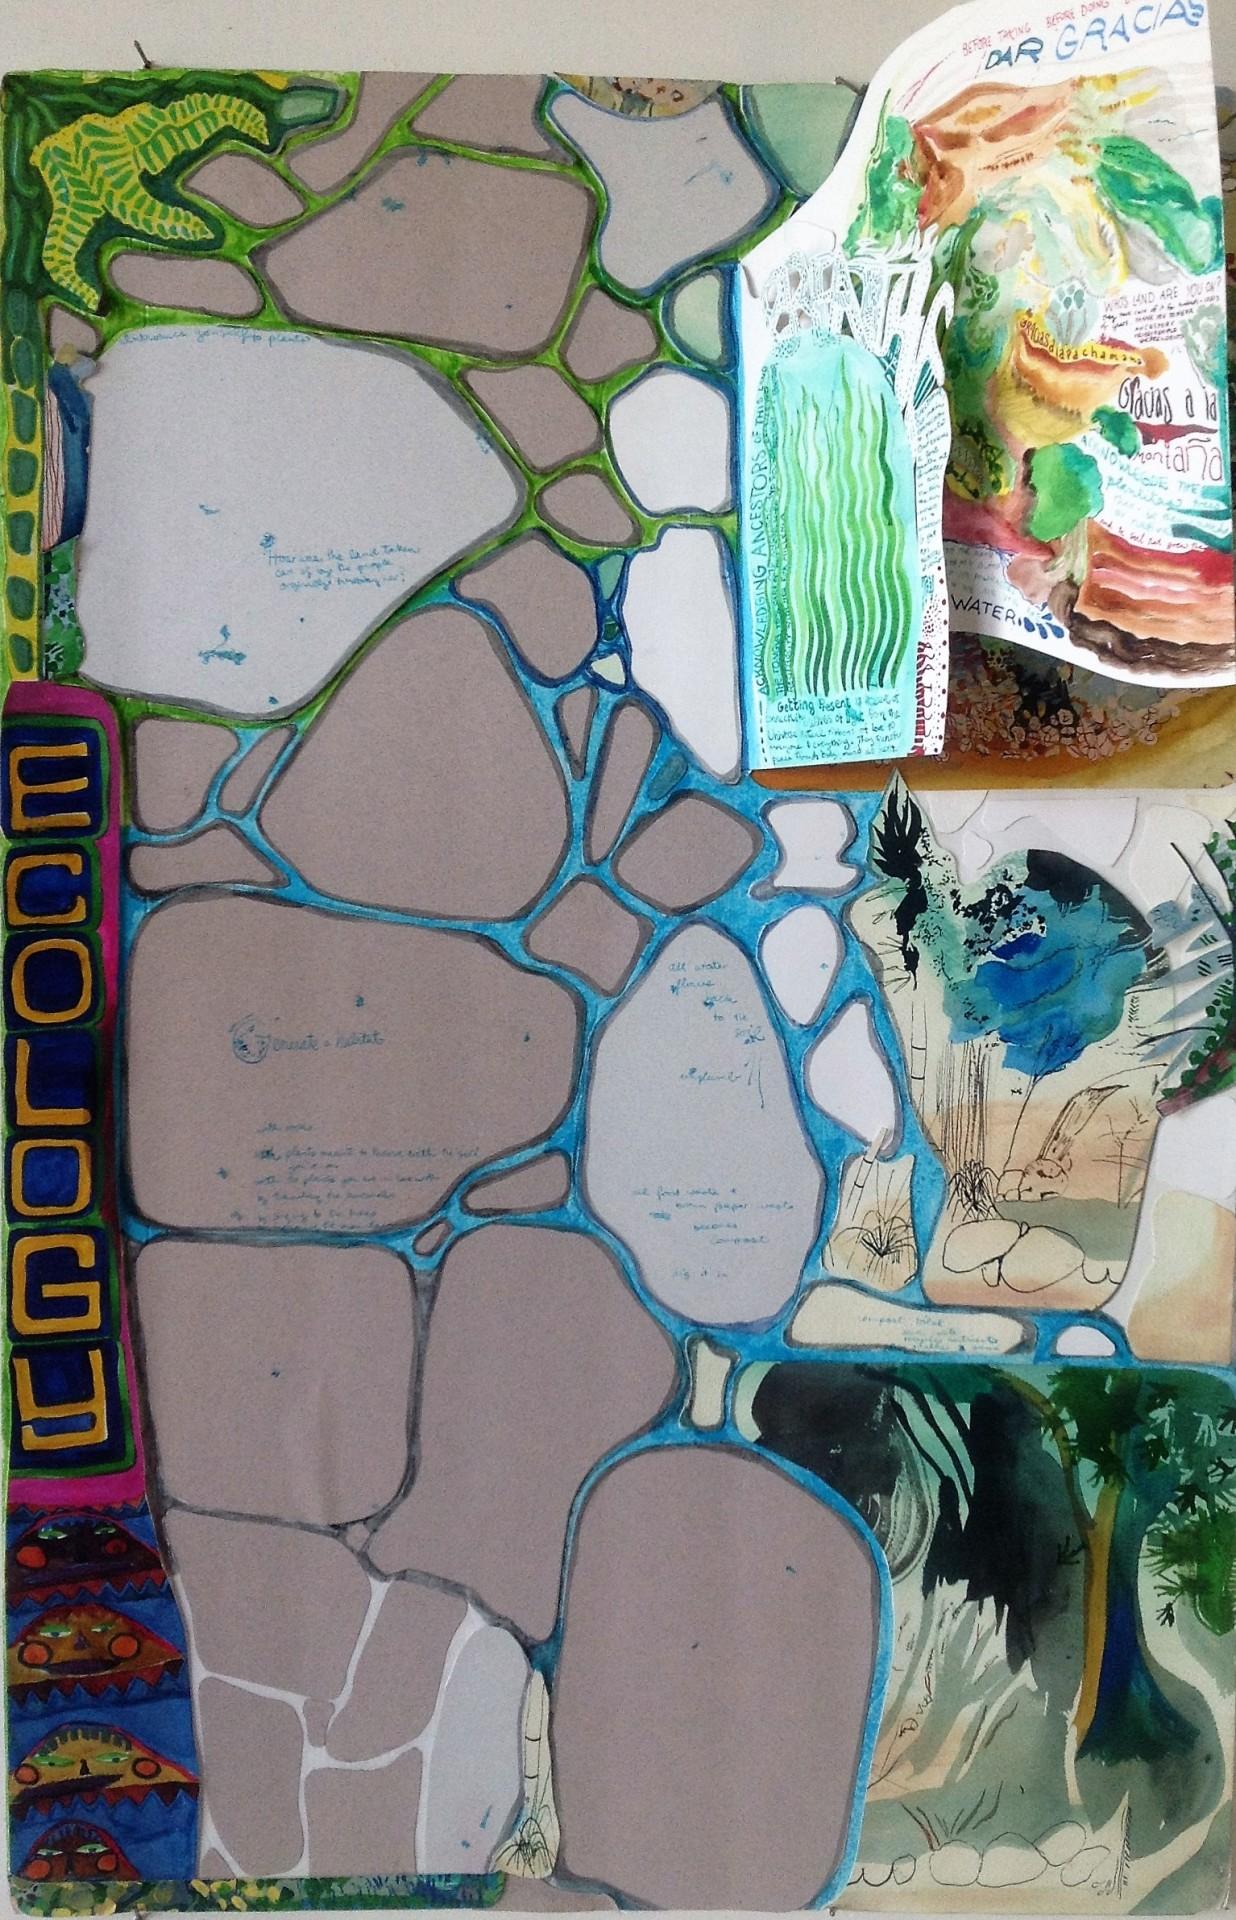 Pedagogical Poster: Ecología